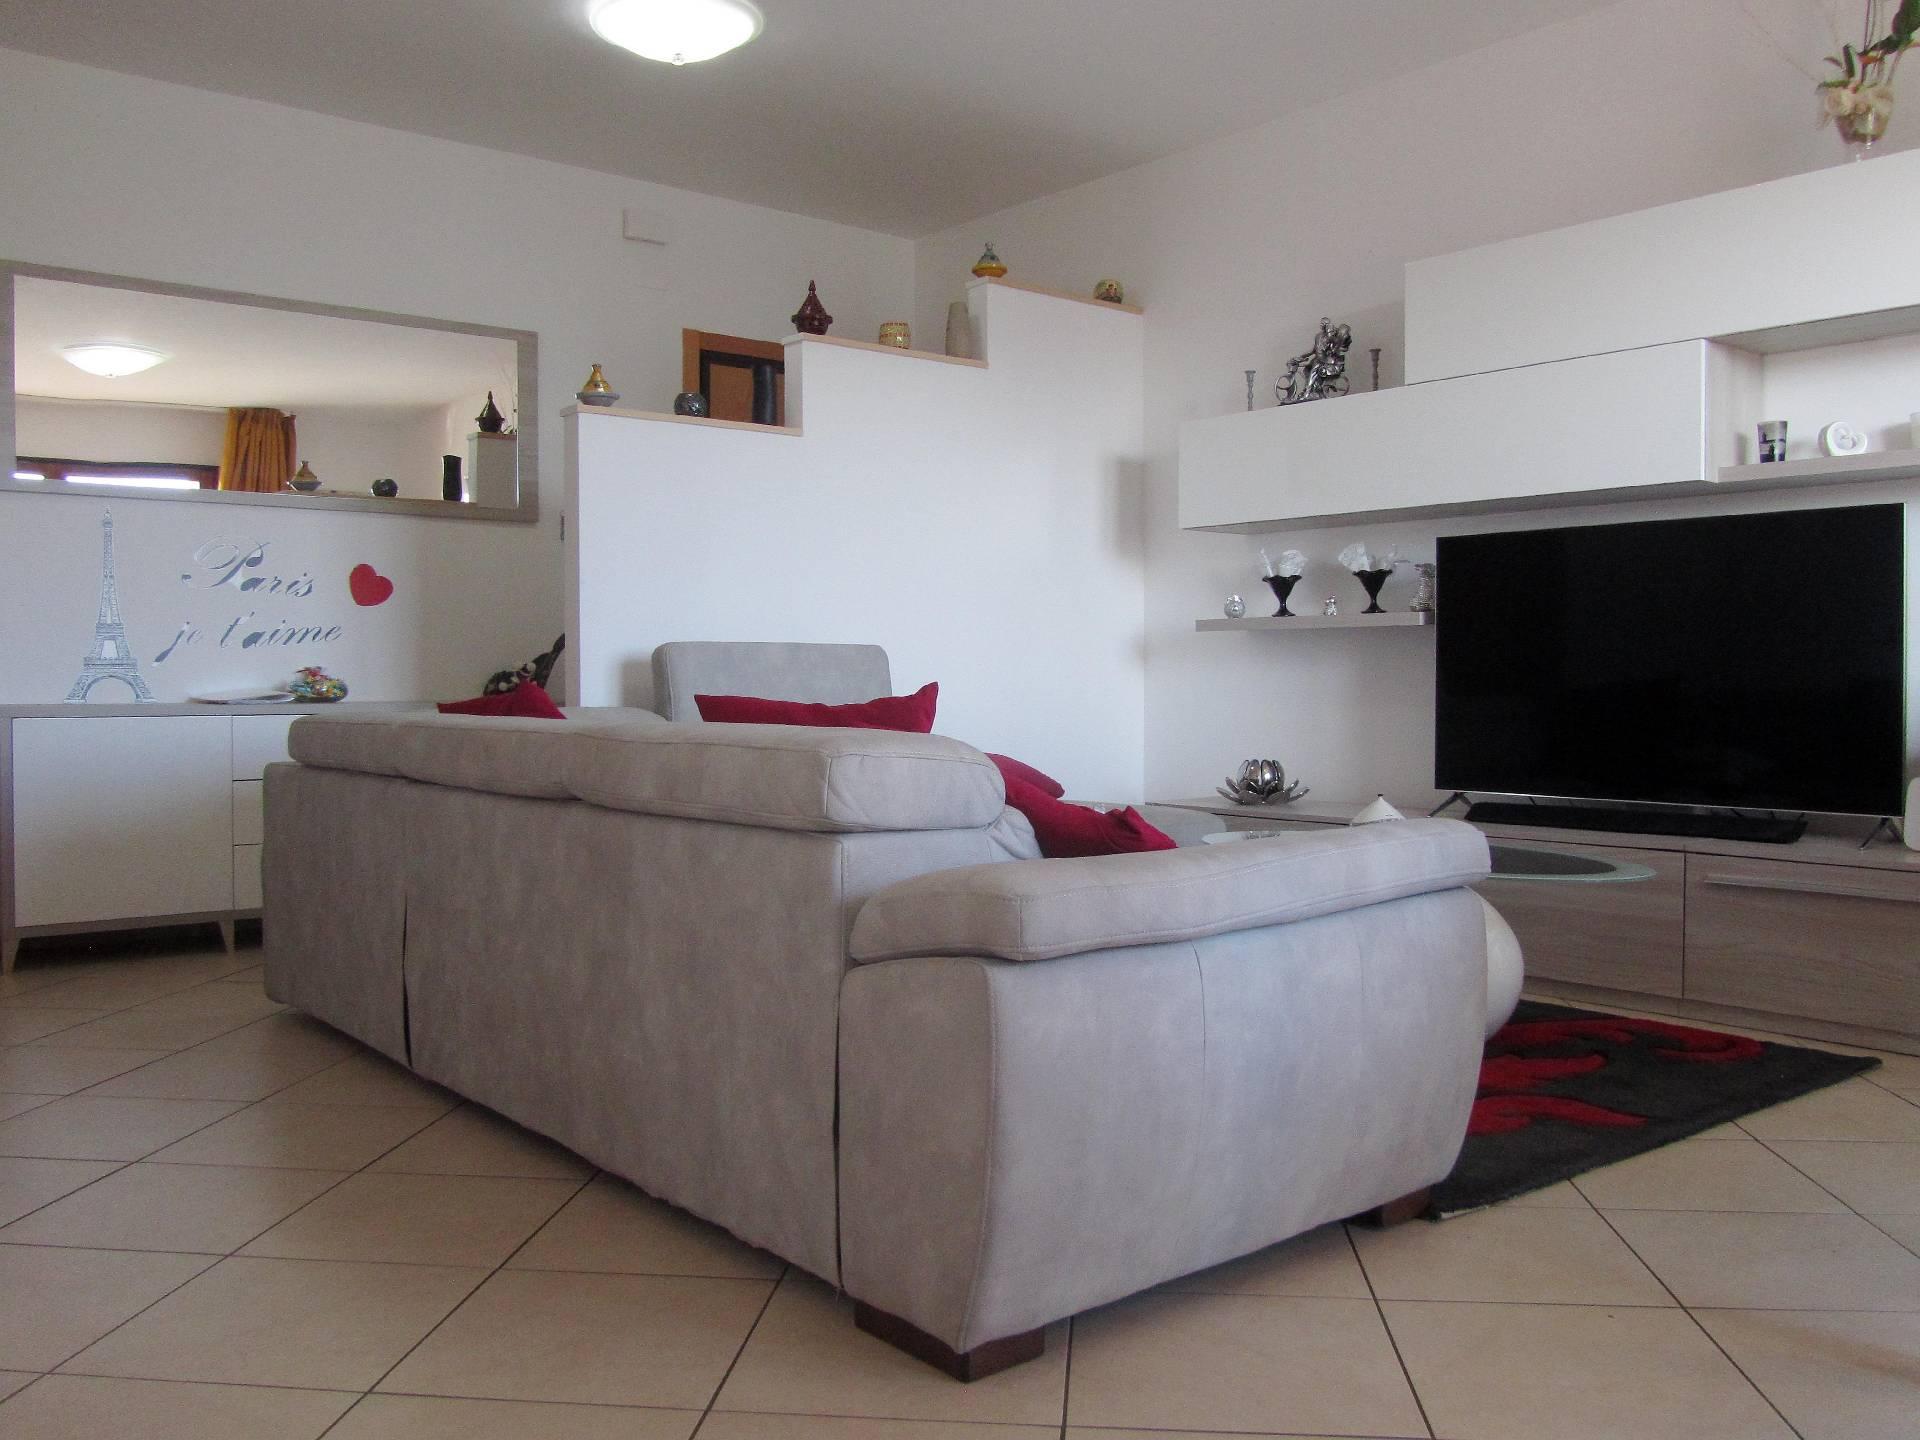 Appartamento in vendita a Corropoli, 5 locali, zona Località: Bivio, prezzo € 85.000   CambioCasa.it